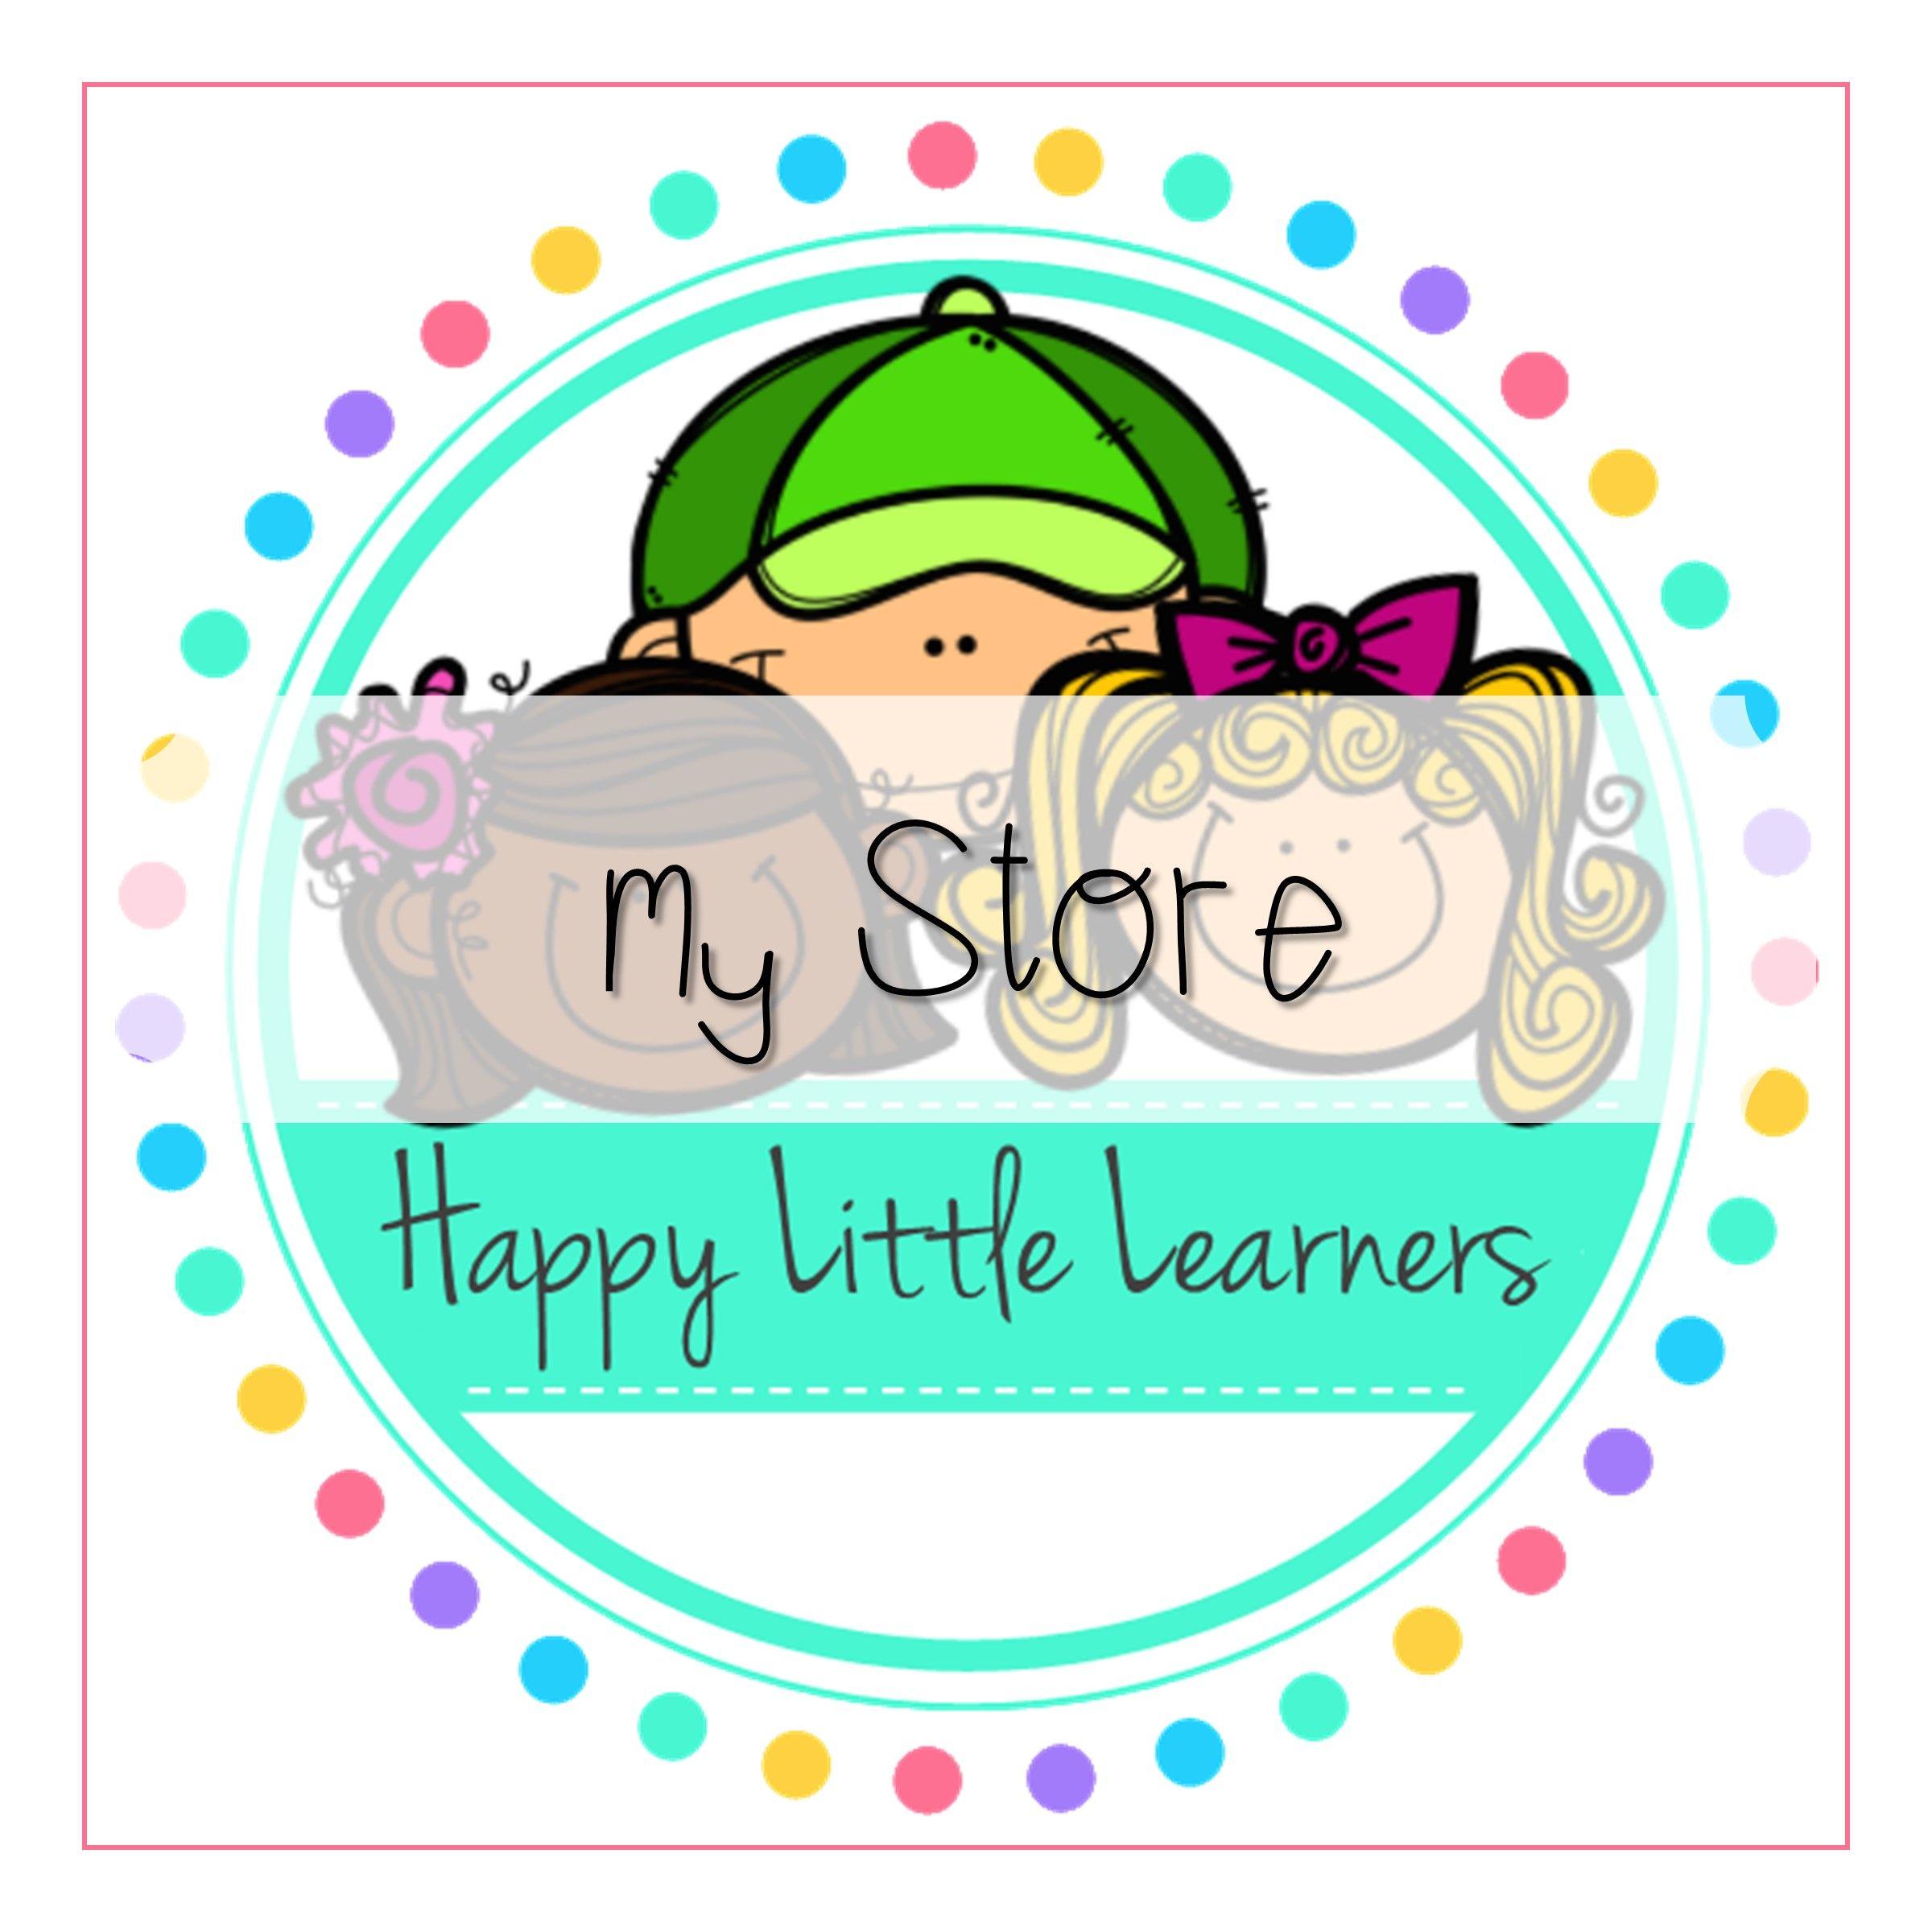 Pin By Happy Little Learners On Happy Little Learners